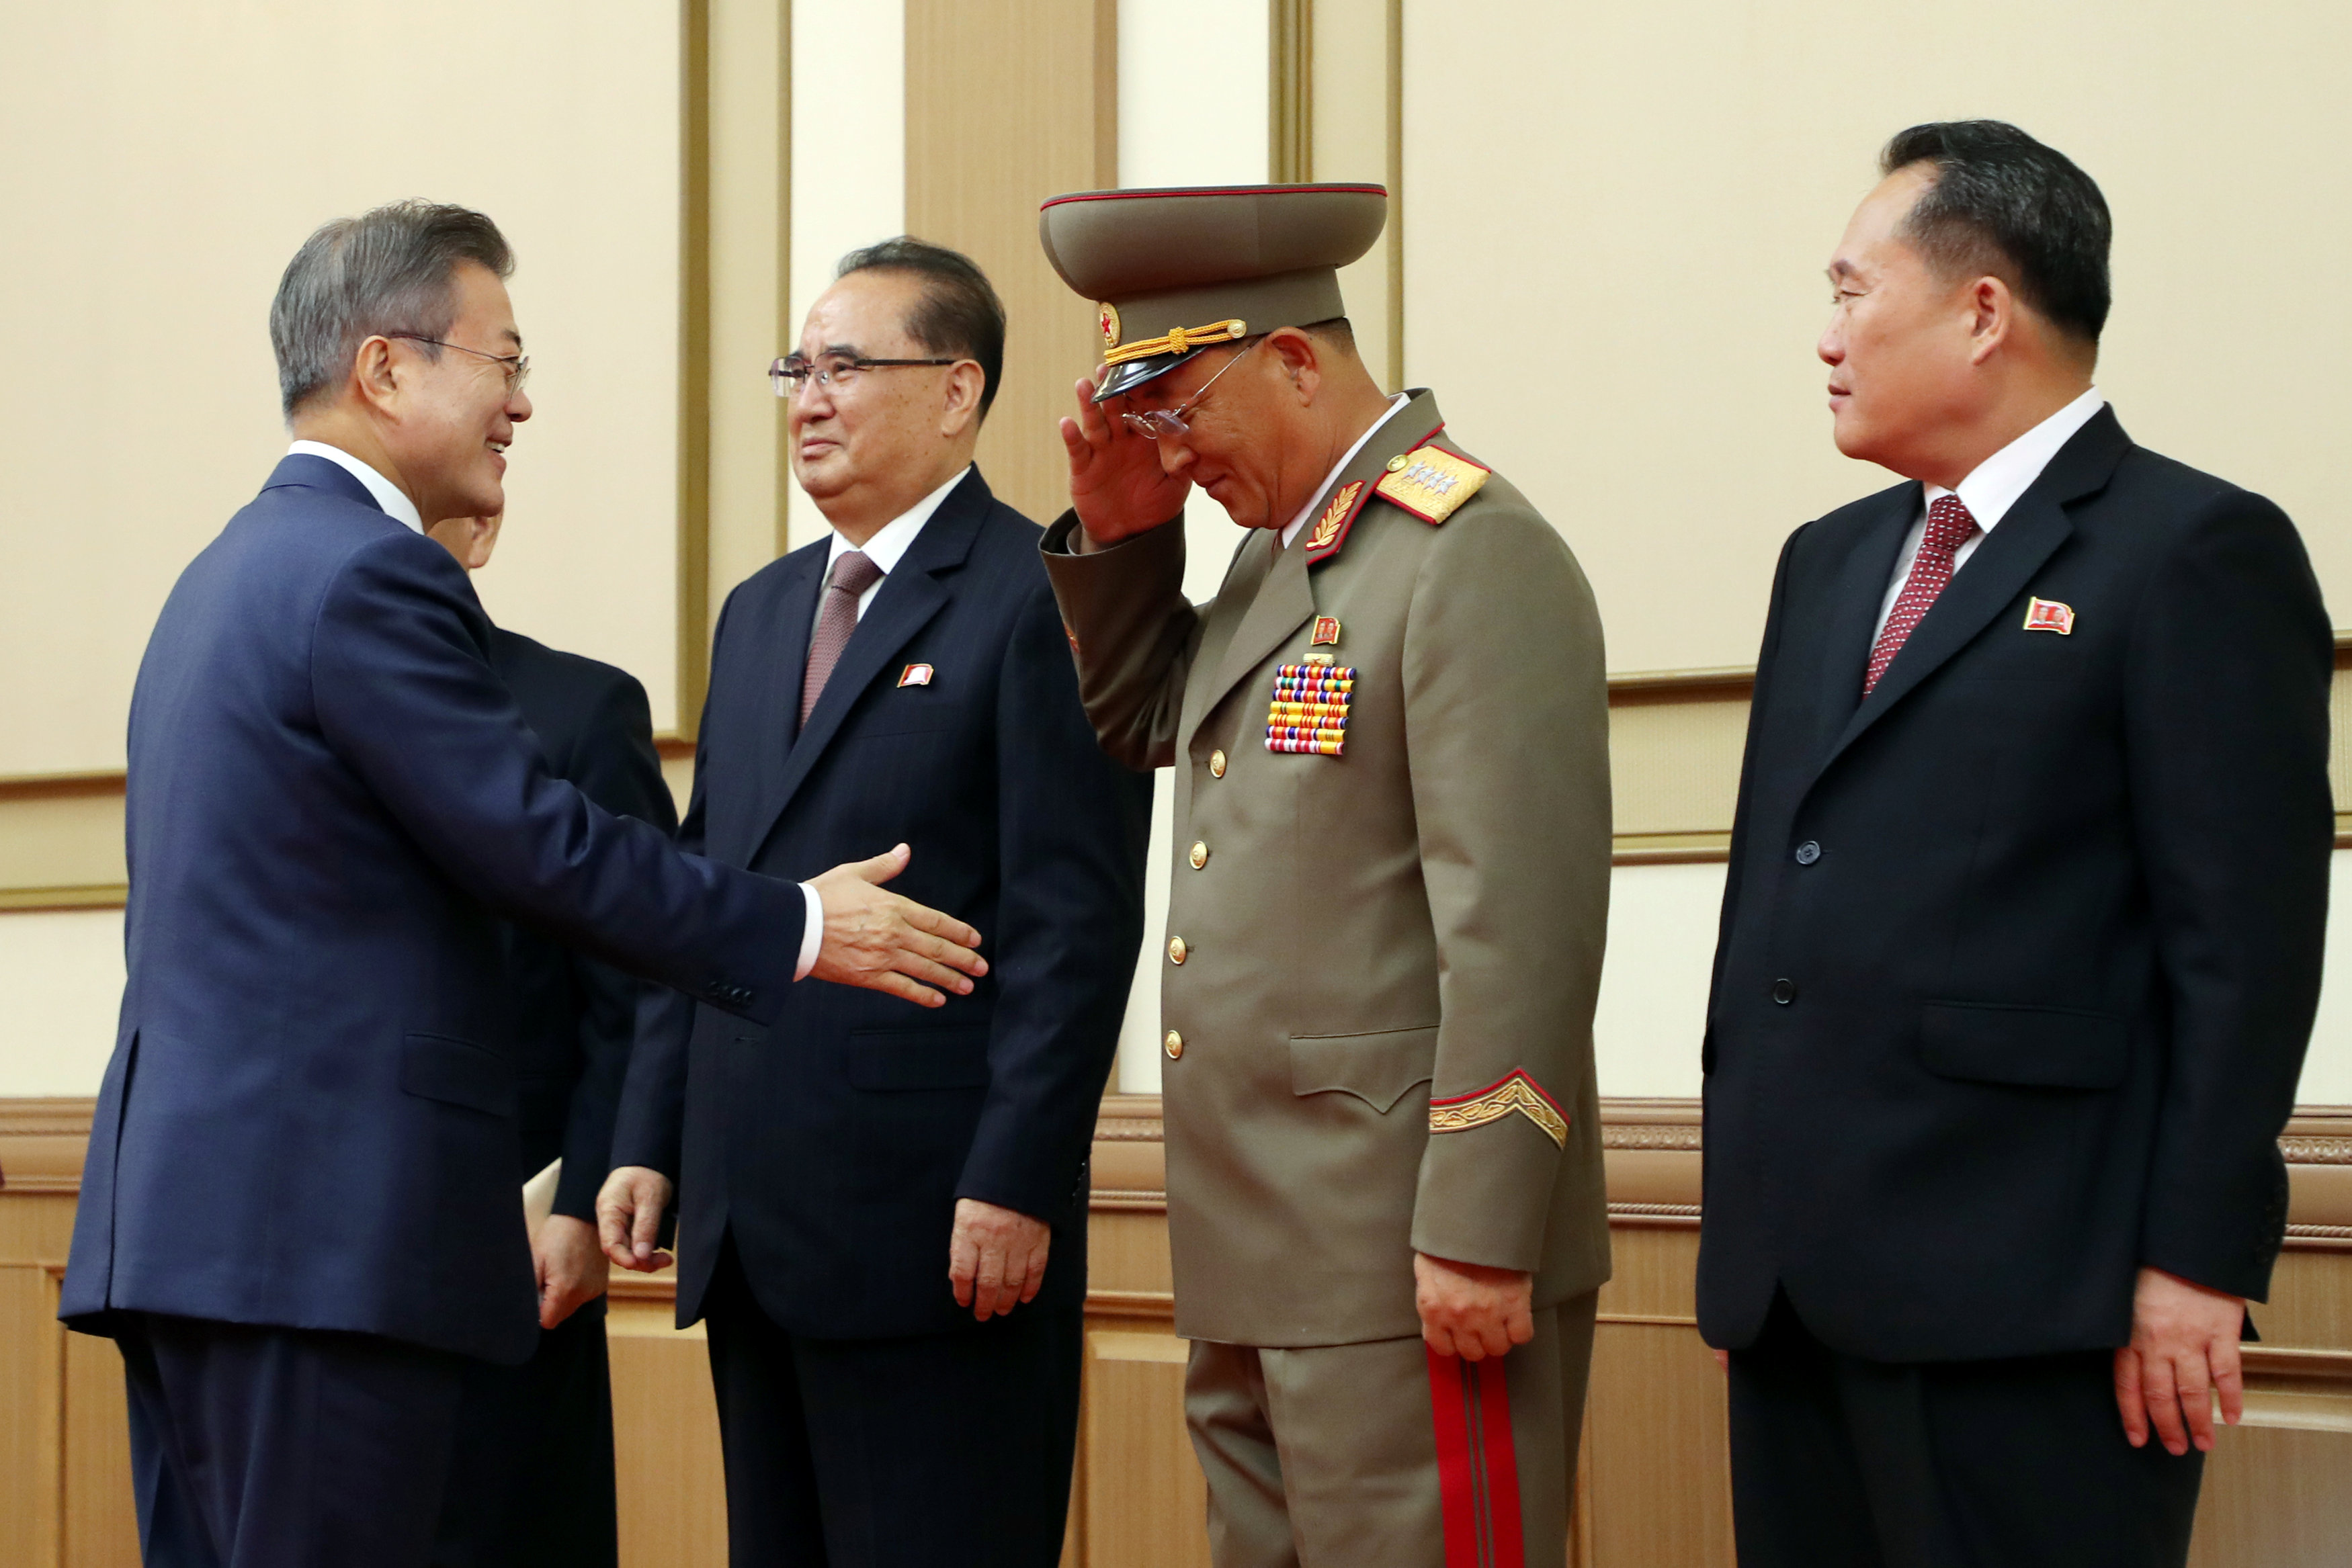 رئيس كوريا الجنوبية يصافح وزير الدفاع الكورى الشمالى